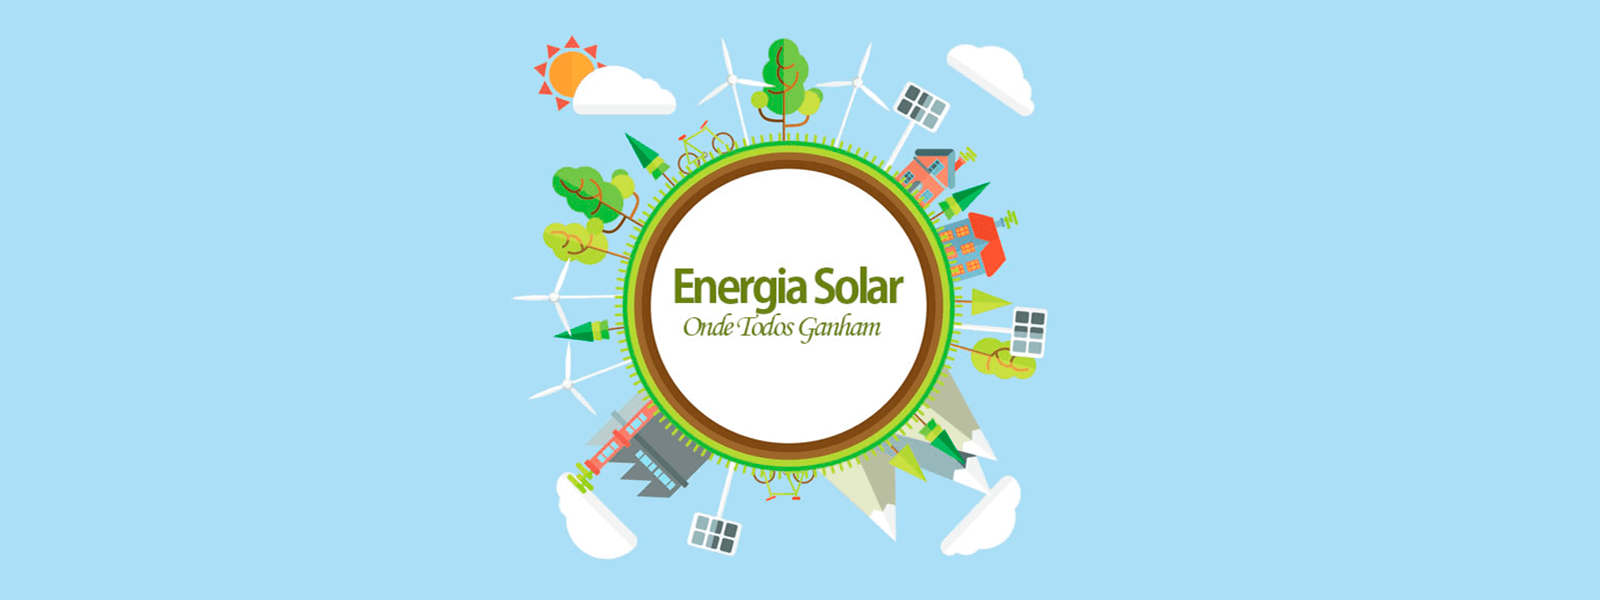 Energia Solar - Onde Todos Ganham